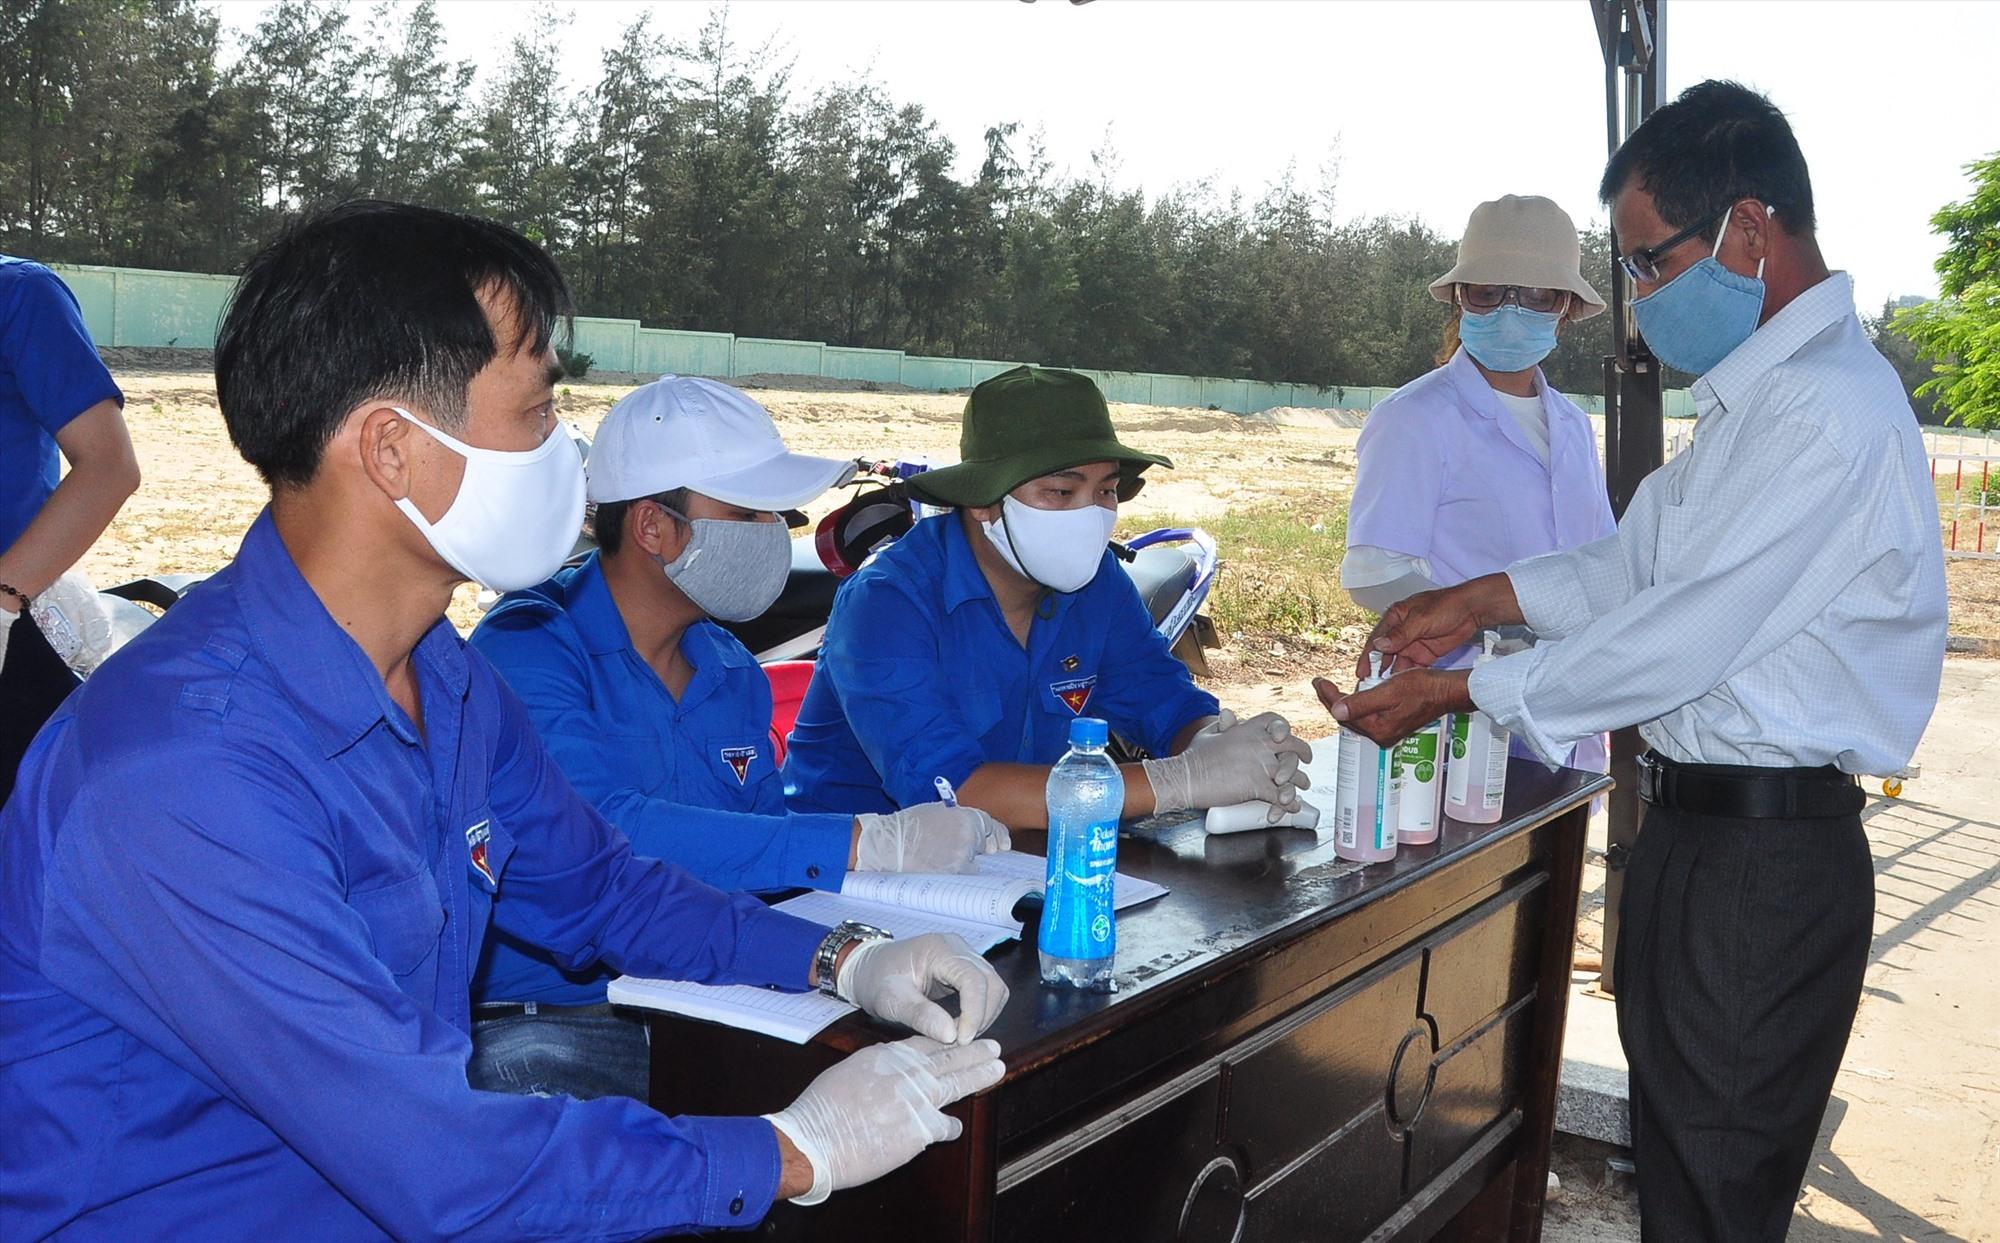 Người dân được hướng dẫn vệ sinh bằng dung dịch sát khuẩn trước khi đến bàn khai báo y tế. Ảnh: VINH ANH